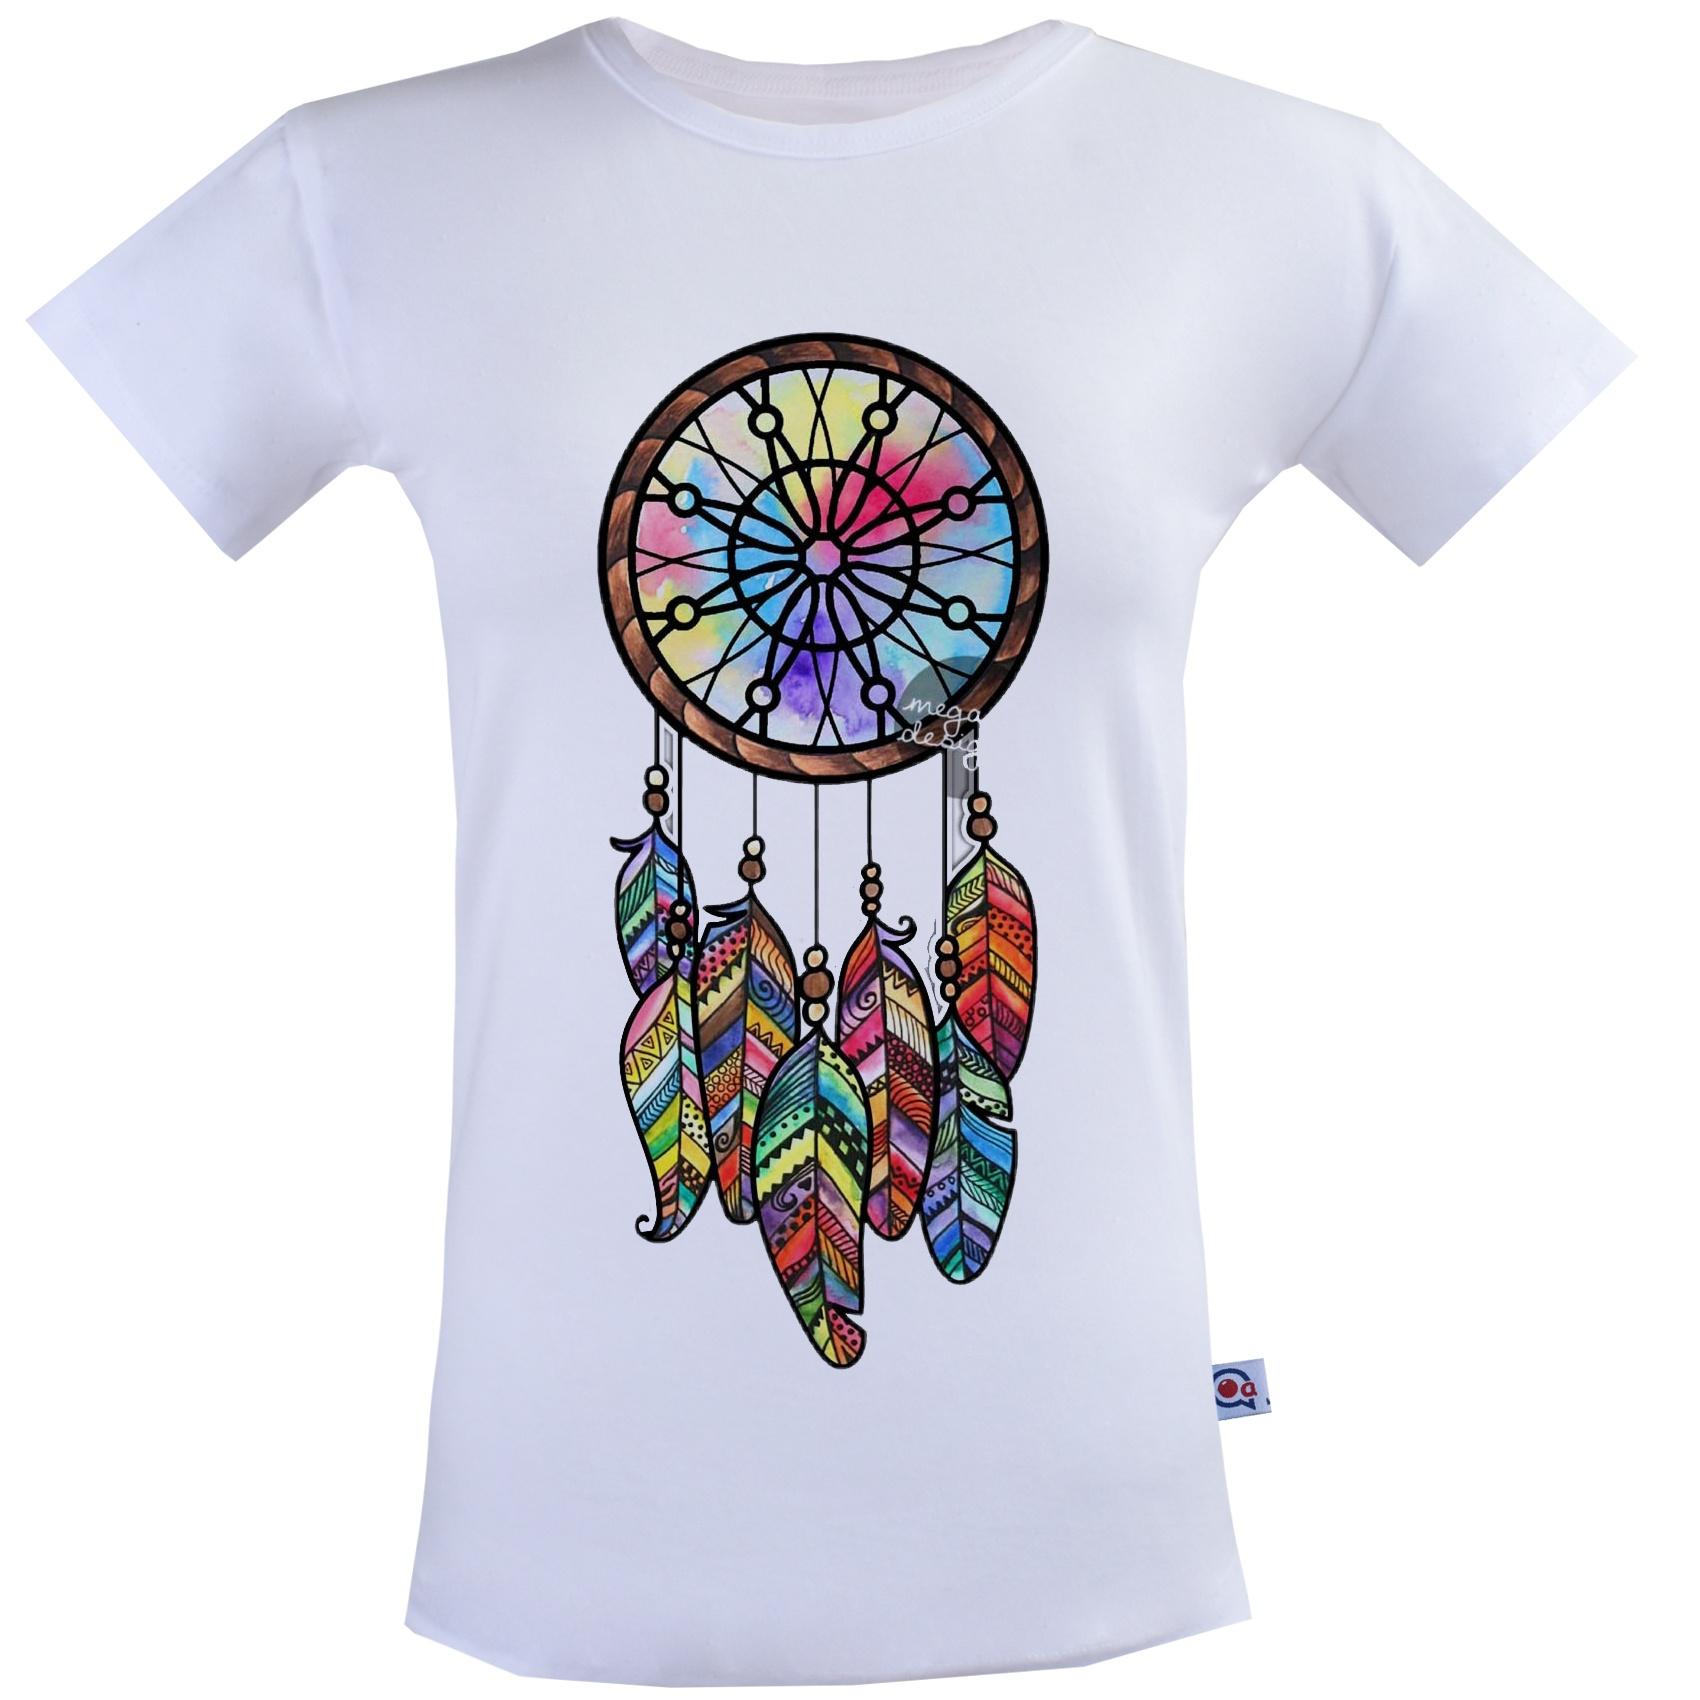 تی شرت زنانه آکو طرح دریم کچر کد SS97